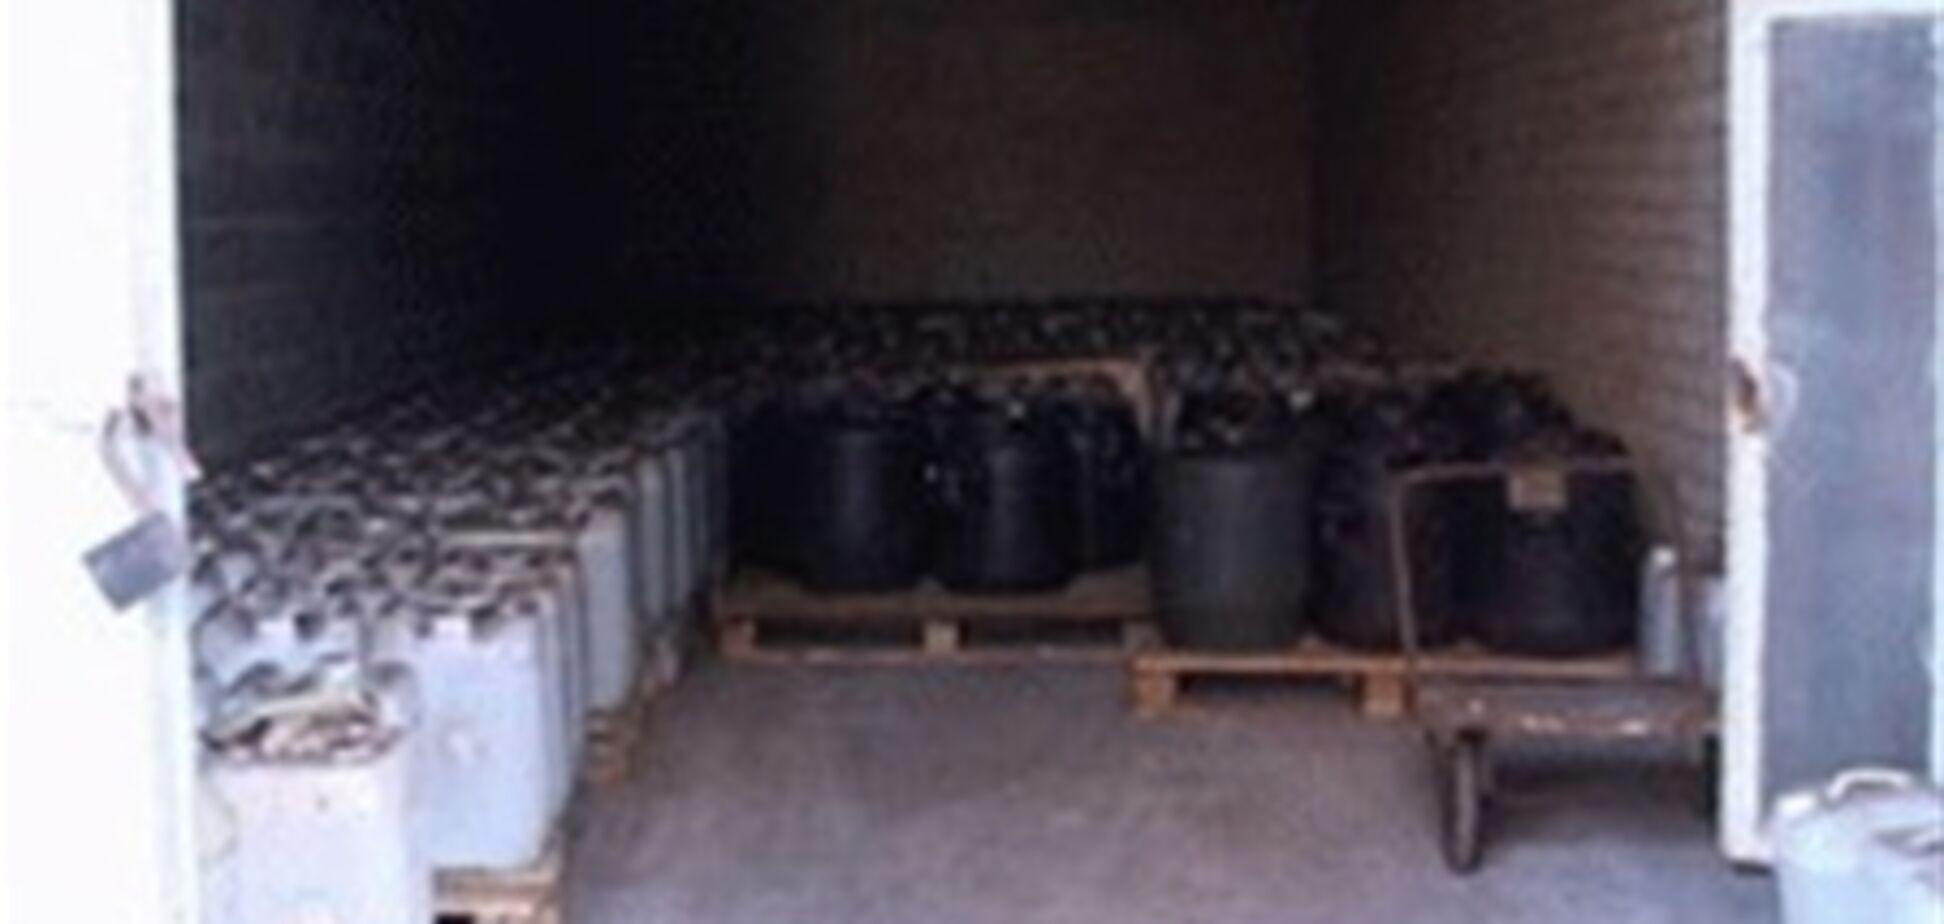 В Киеве обнаружили 10 тонн подозрительной соляной кислоты